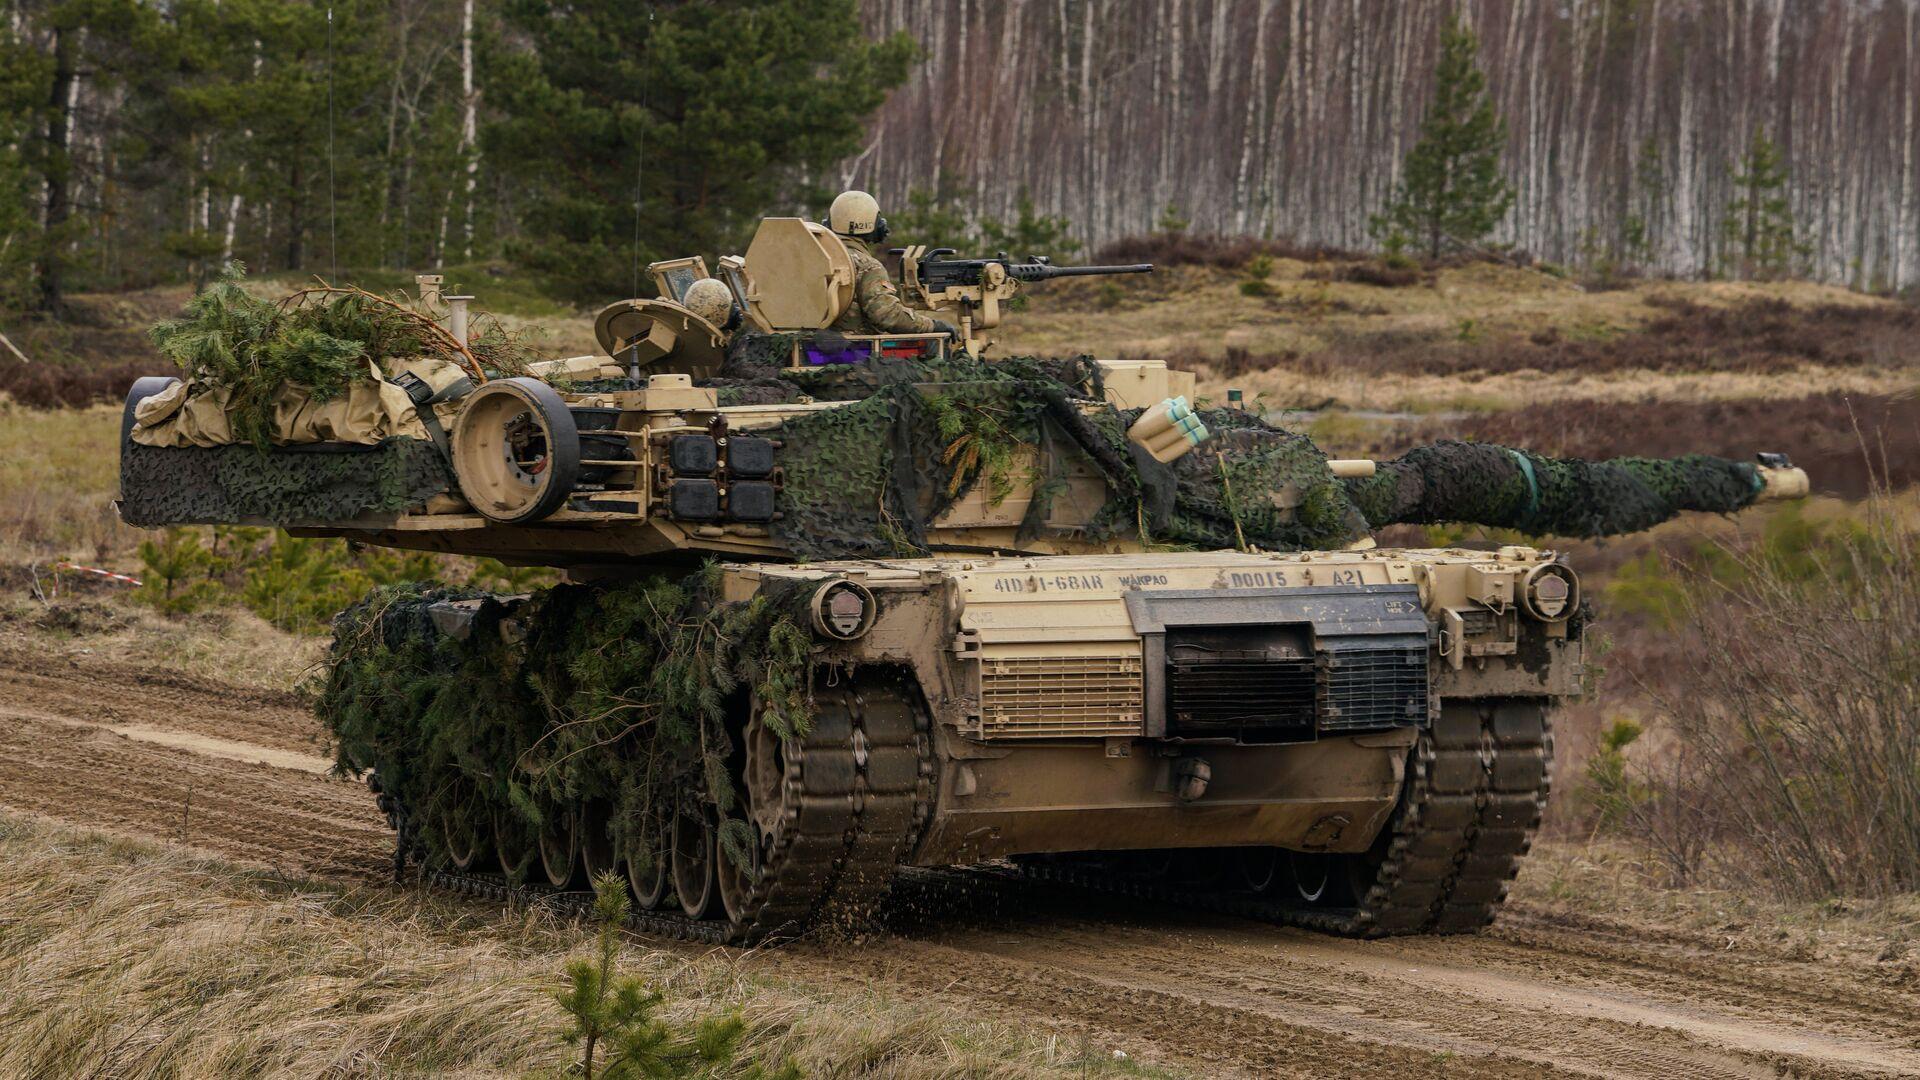 Танк M1 Abrams на международных военных учениях Summer Shield XIV в Латвии - РИА Новости, 1920, 04.02.2021